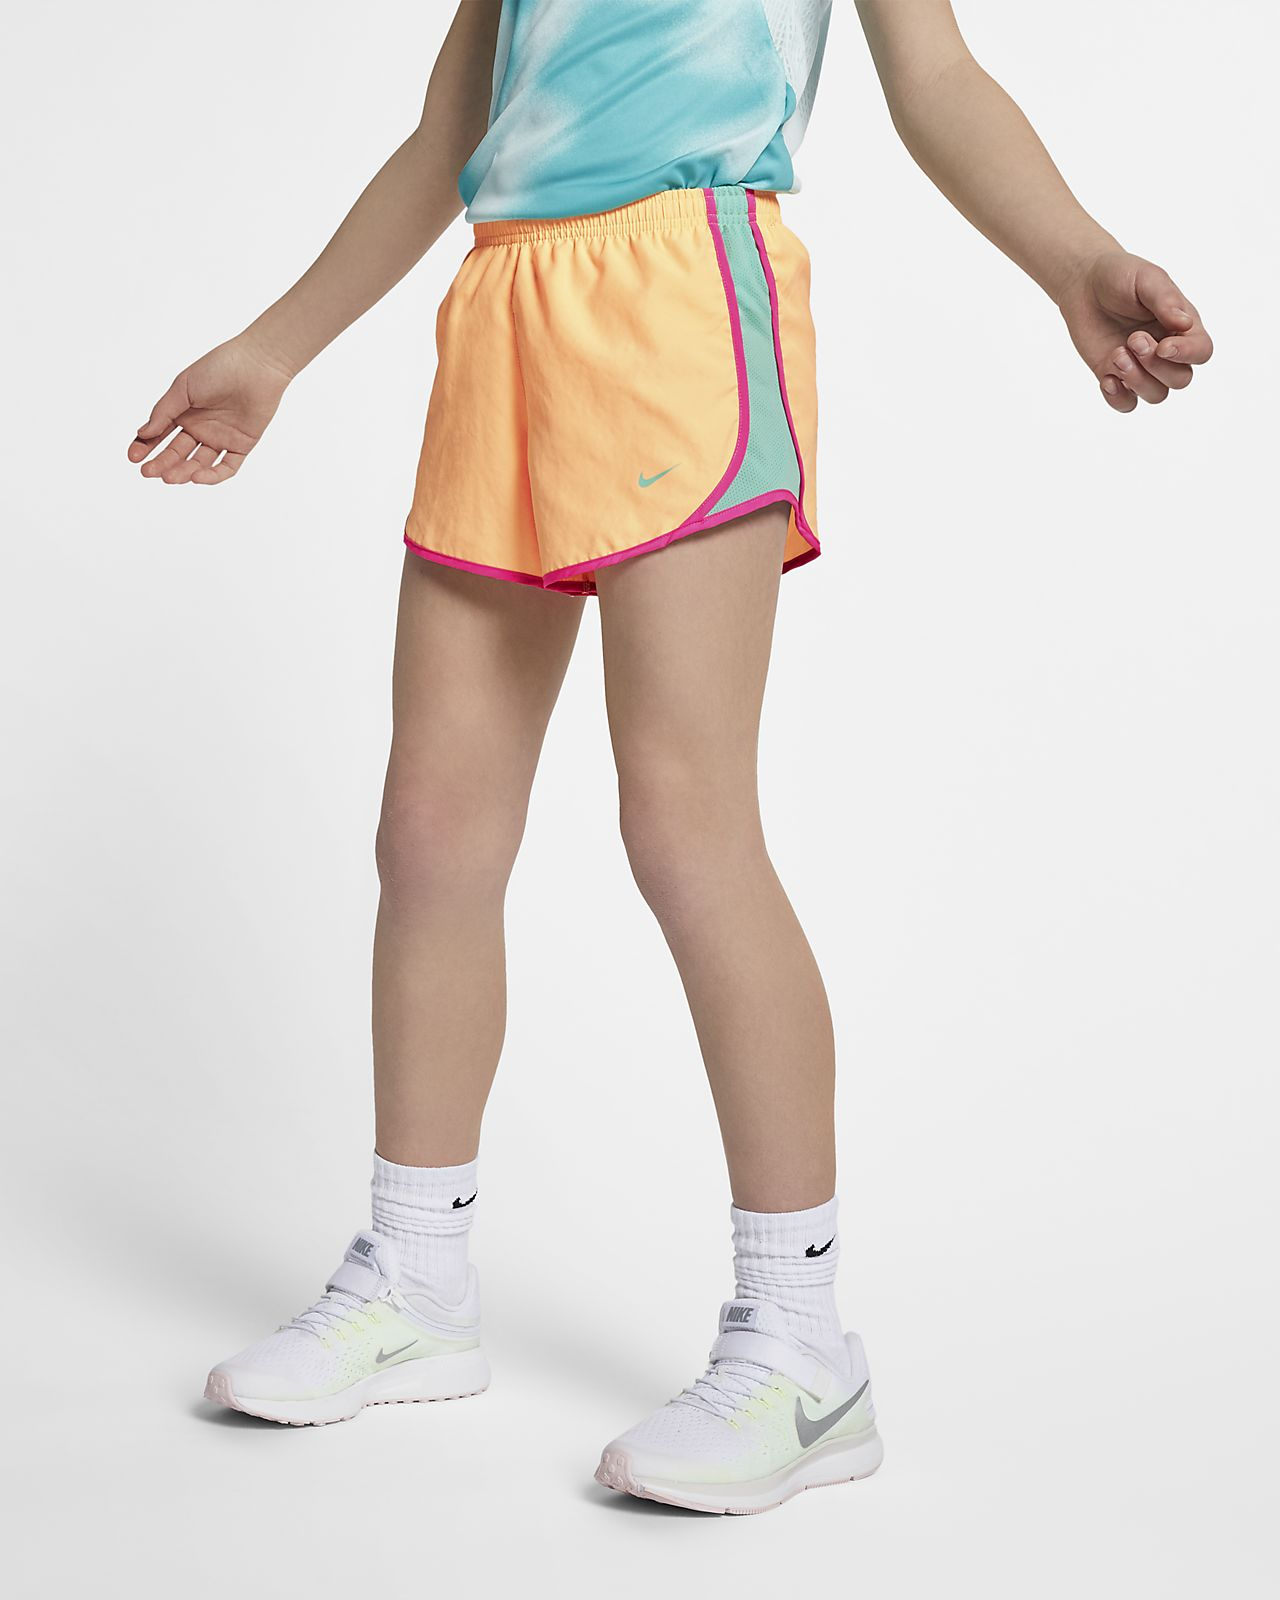 dd87f56a4b3 Nike Dri-FIT Tempo Big Kids  (Girls ) Running Shorts. Nike.com